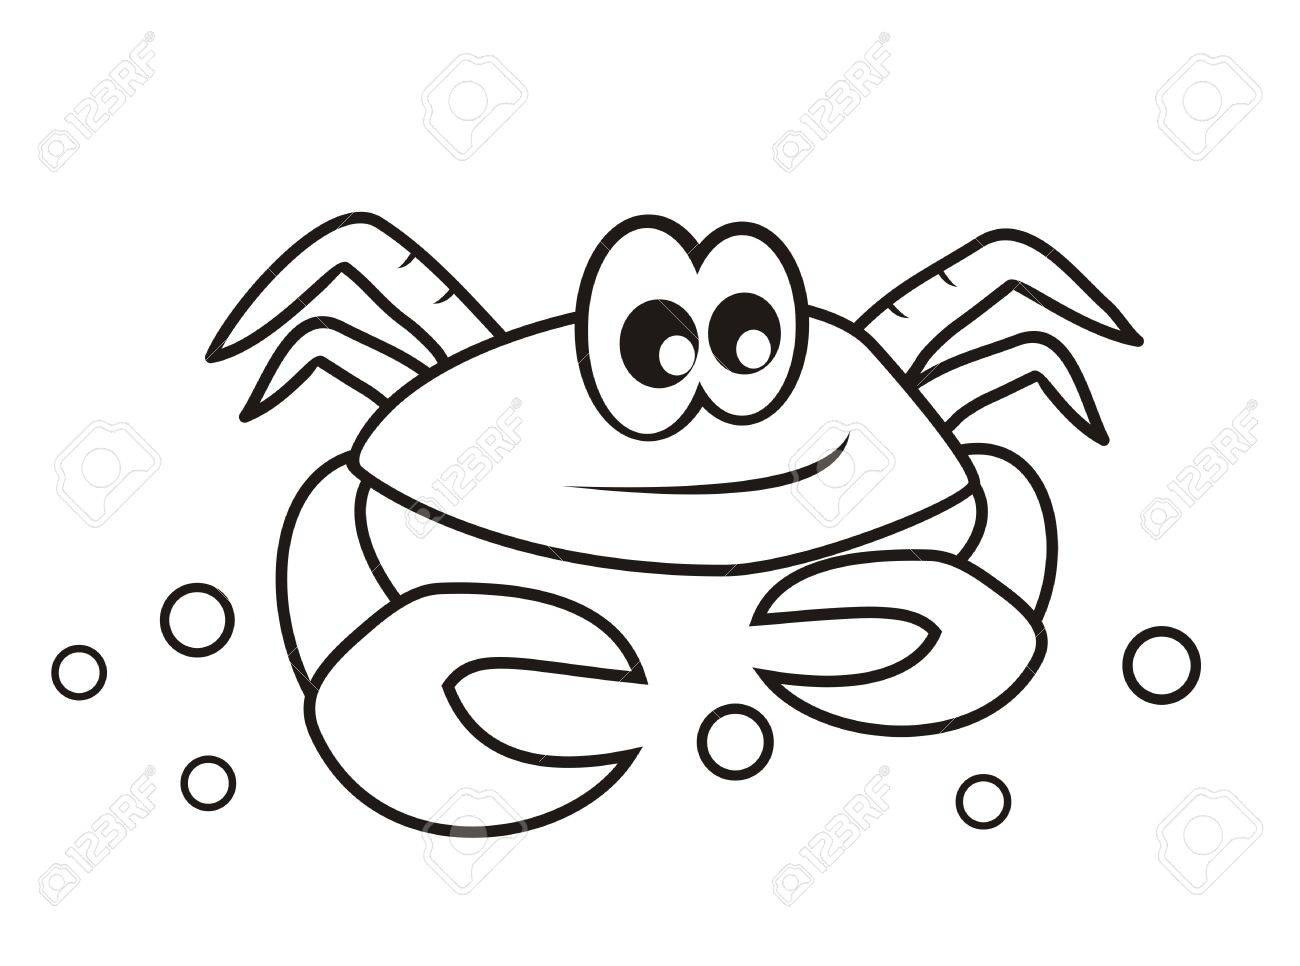 Crab Coloring Book Royalty Free Klipartlar Vektör çizimler Ve